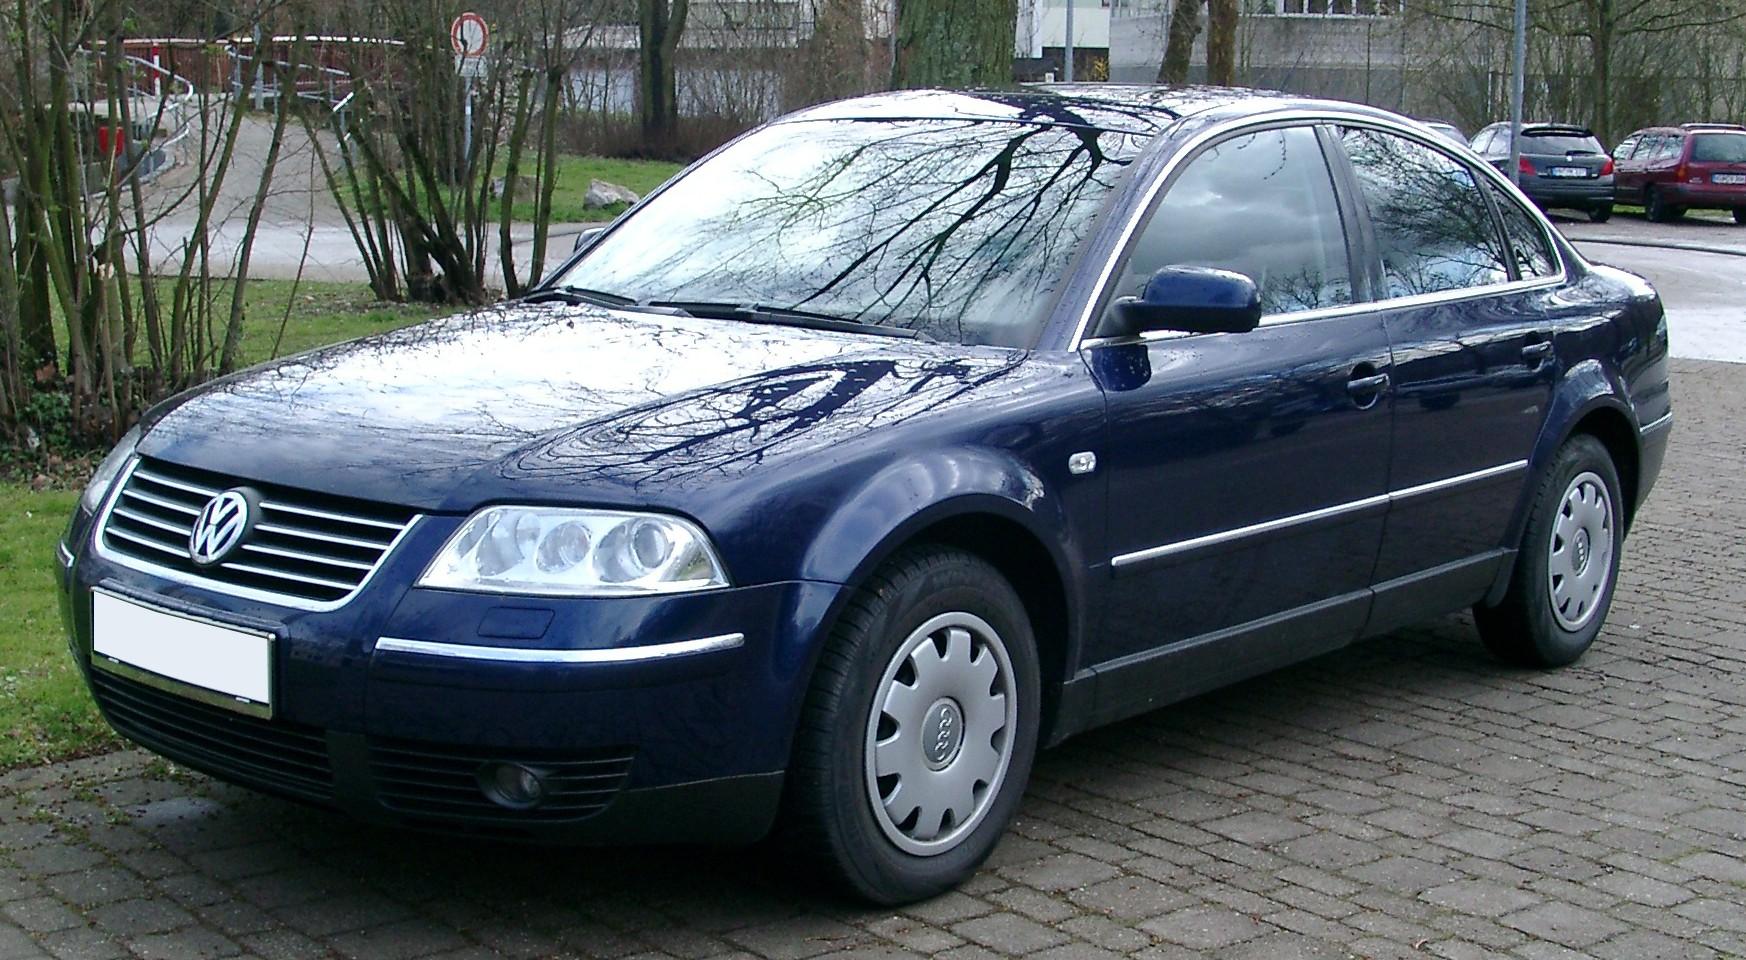 Названо найпопулярніший вживаний автомобіль на Закарпатті у листопаді